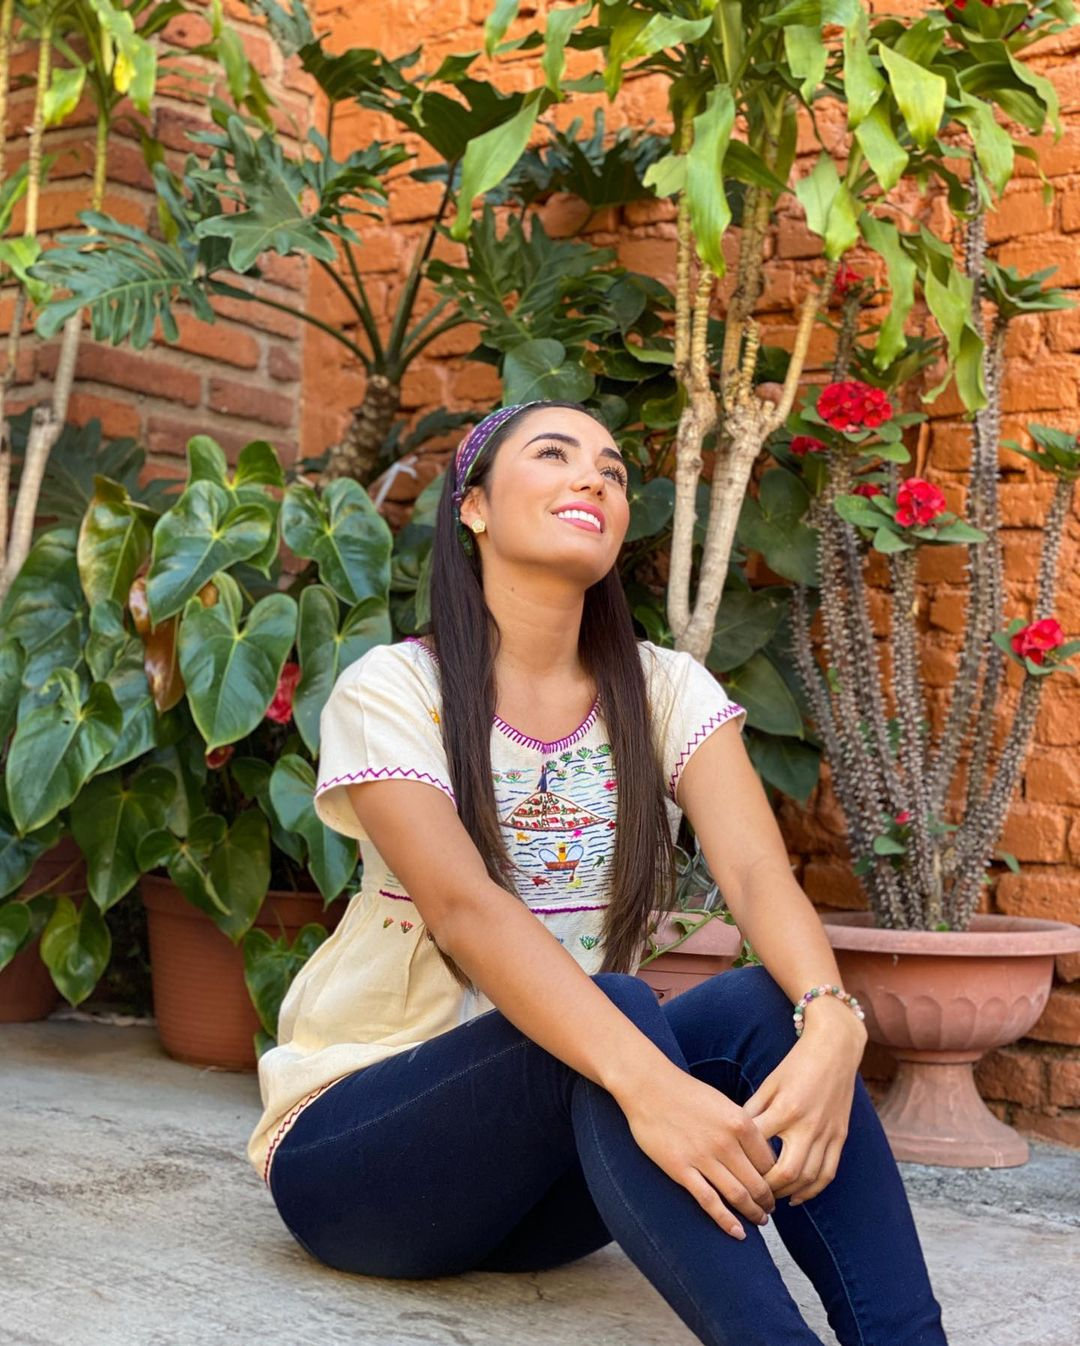 karolina vidales, candidata a miss mexico 2021, representando michoacan. - Página 10 Wu5pl10